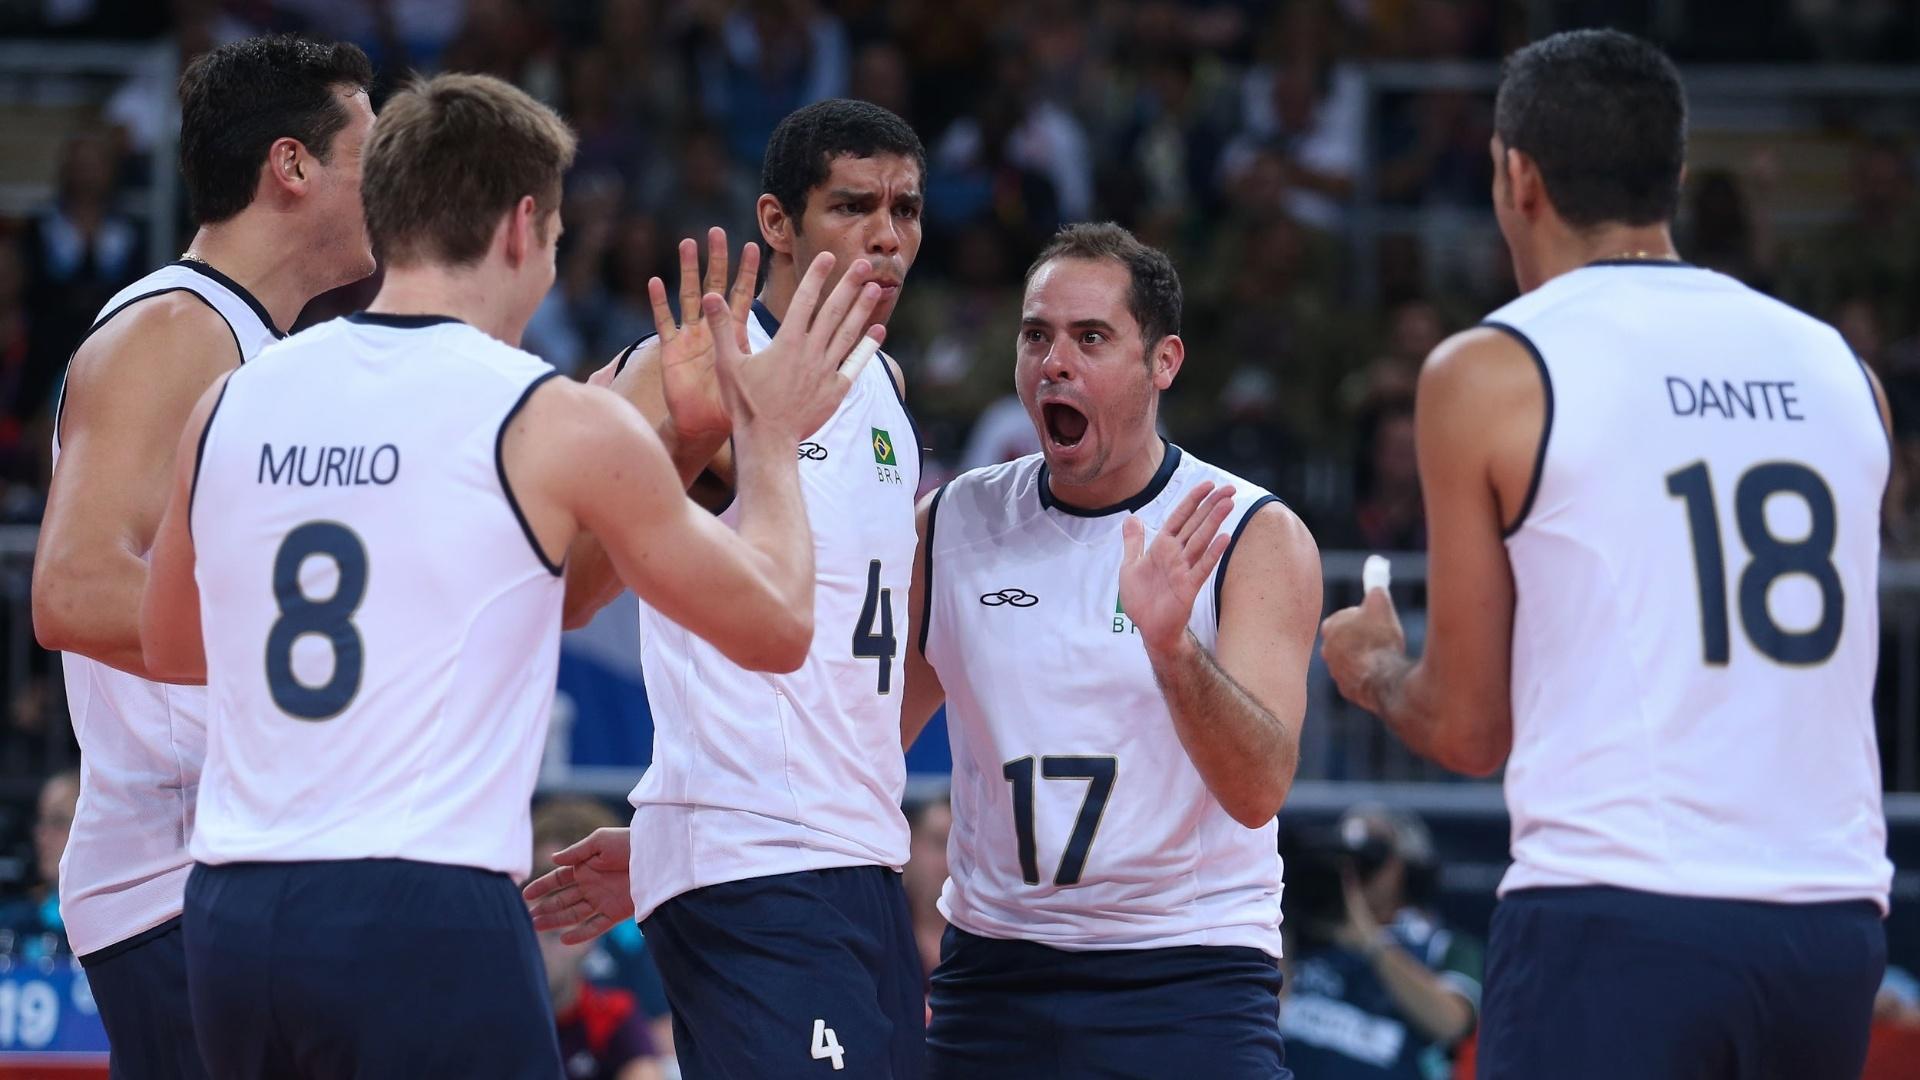 Jogadores da seleção brasileira festejam ponto no terceiro set da vitória sobre a Rússia